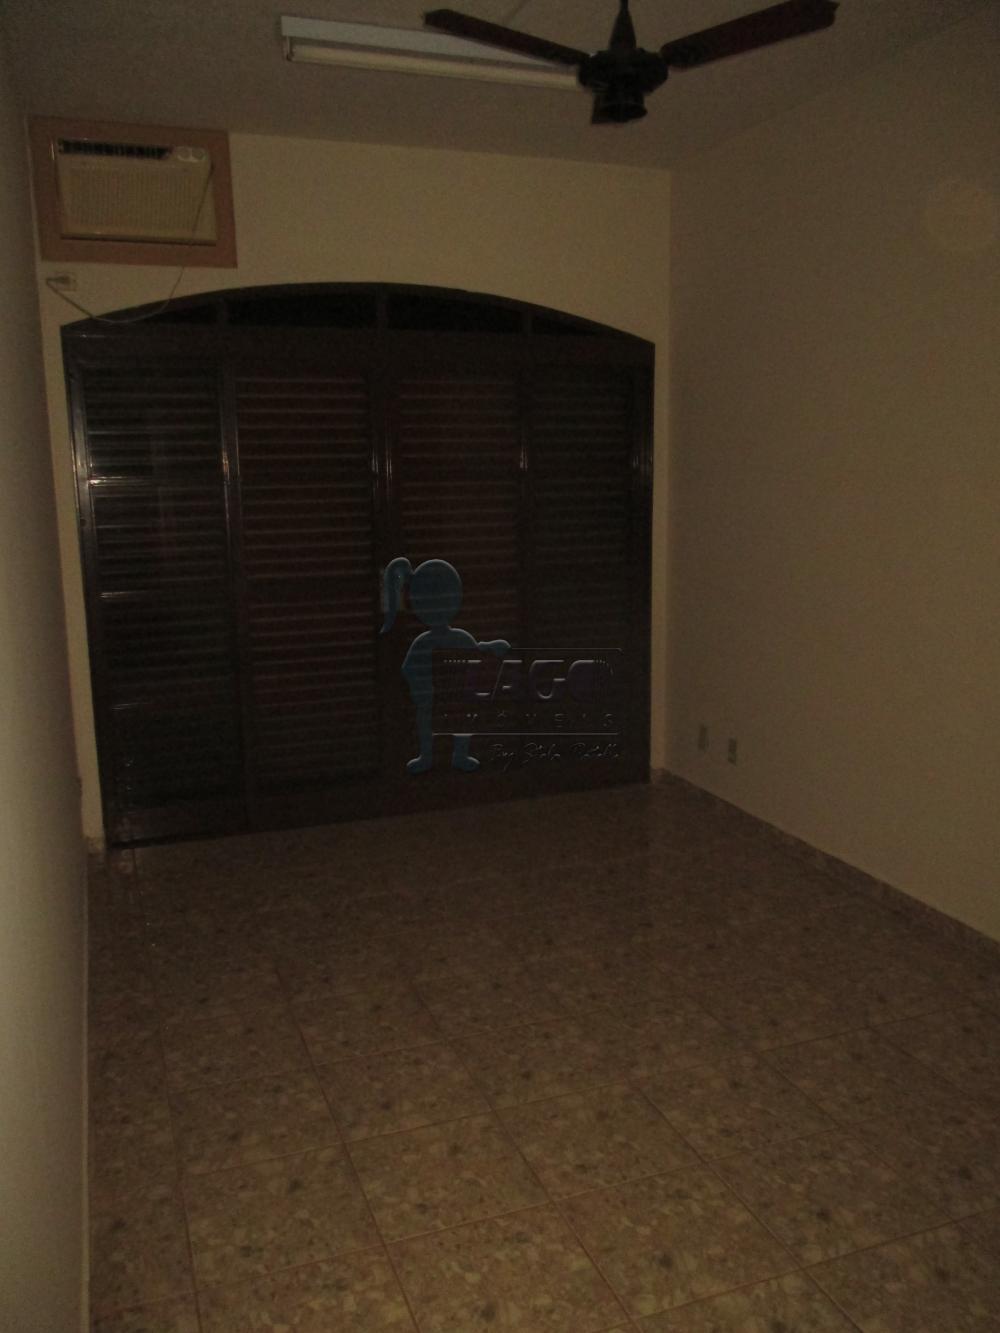 Alugar Casas / Comercial em Ribeirão Preto apenas R$ 3.000,00 - Foto 22